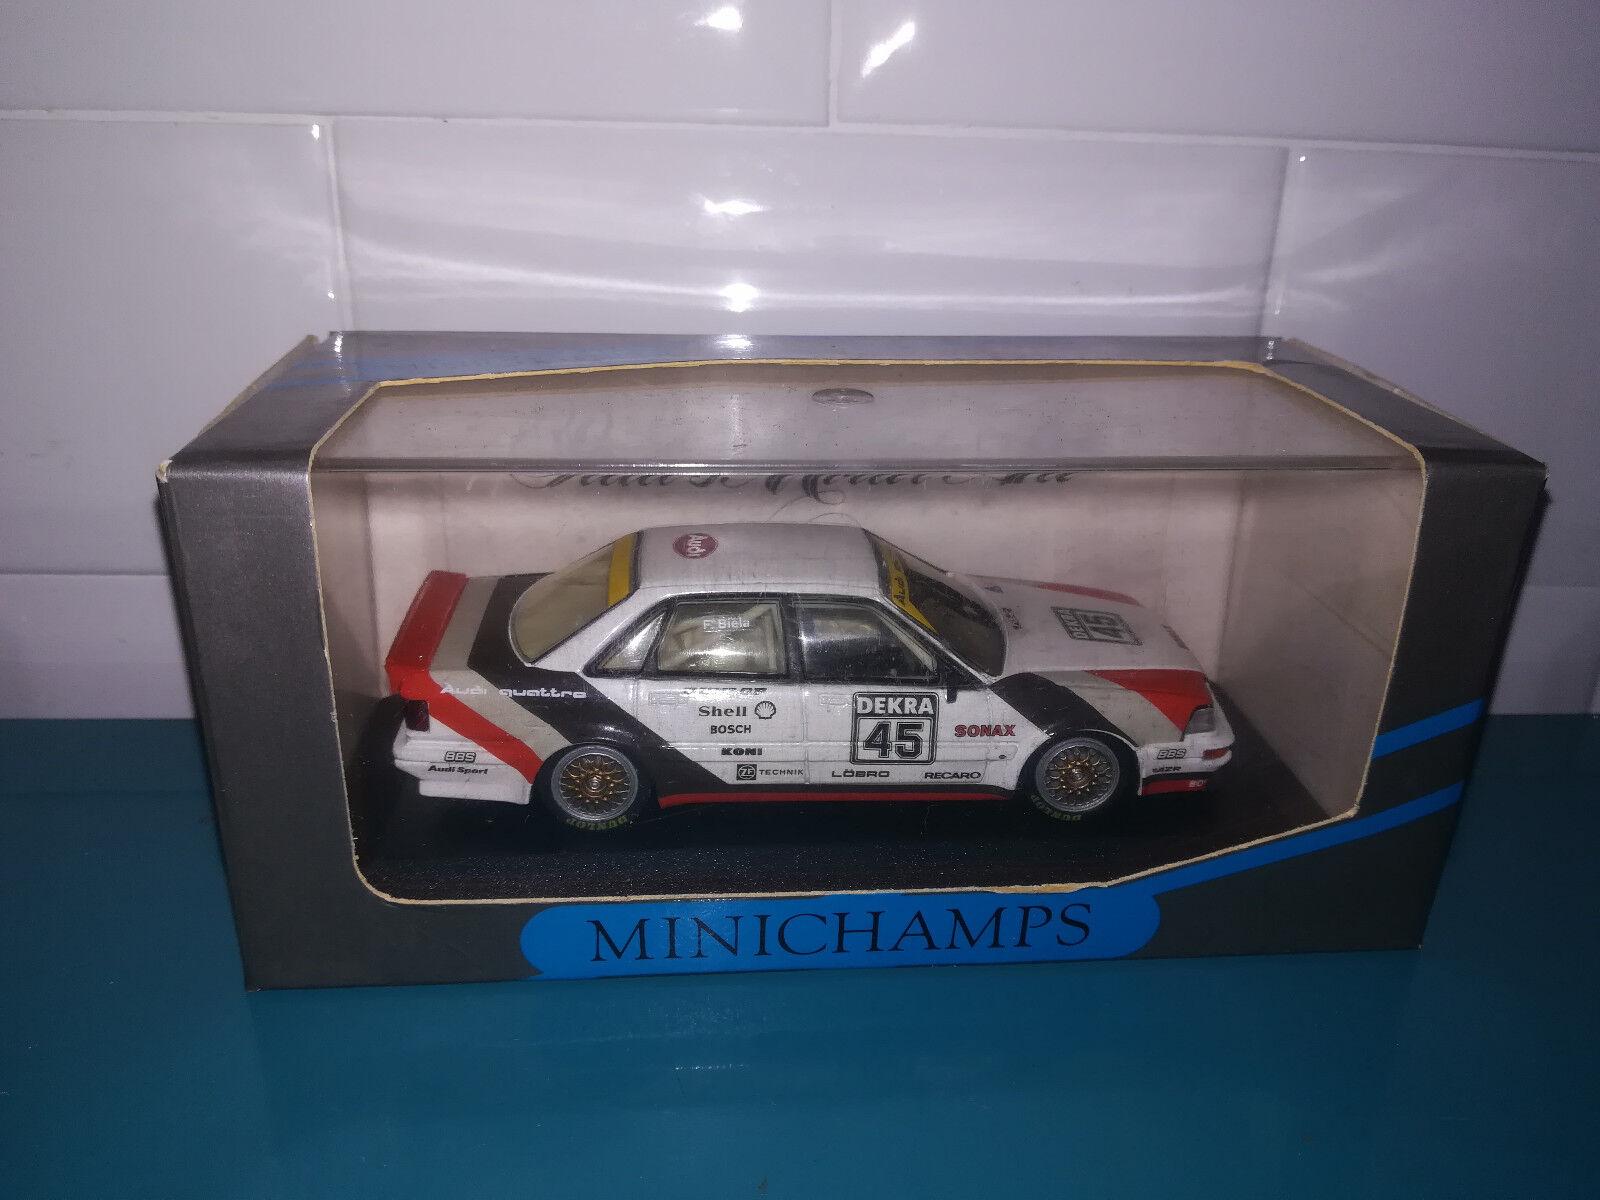 2.12.18.1 Audi V8 quattro evo team AZR biela n°45 Minichamps 1 43